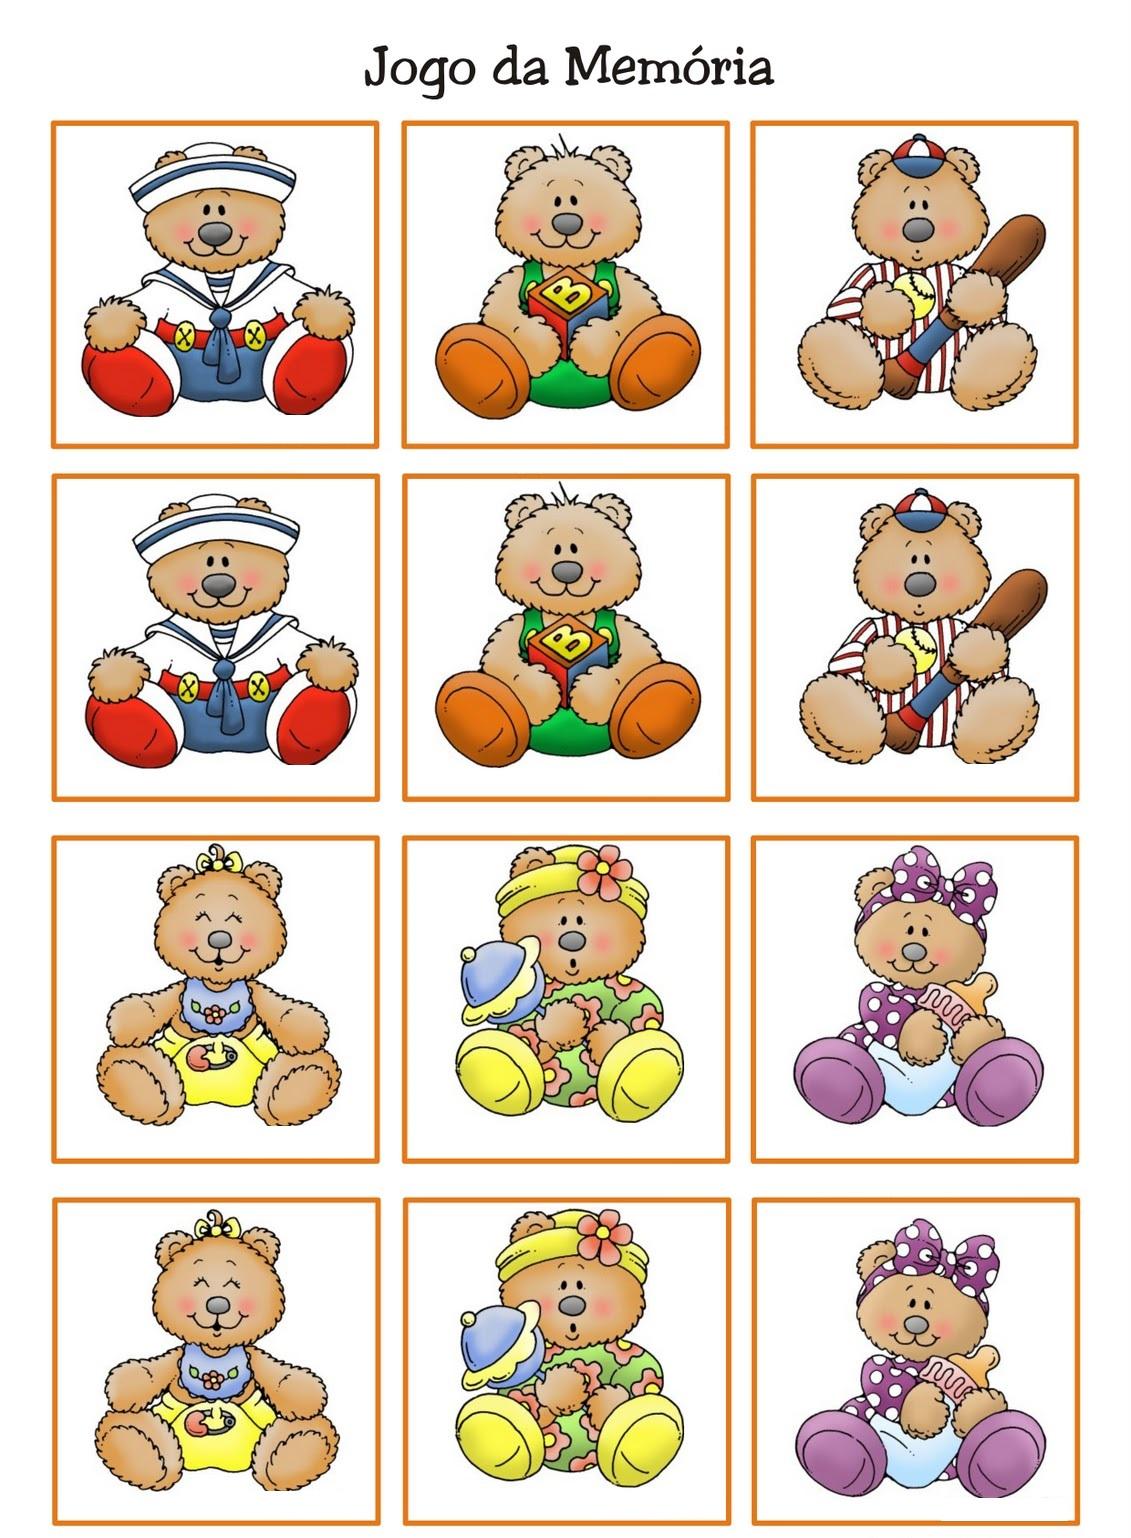 Jogo de memória para as crianças